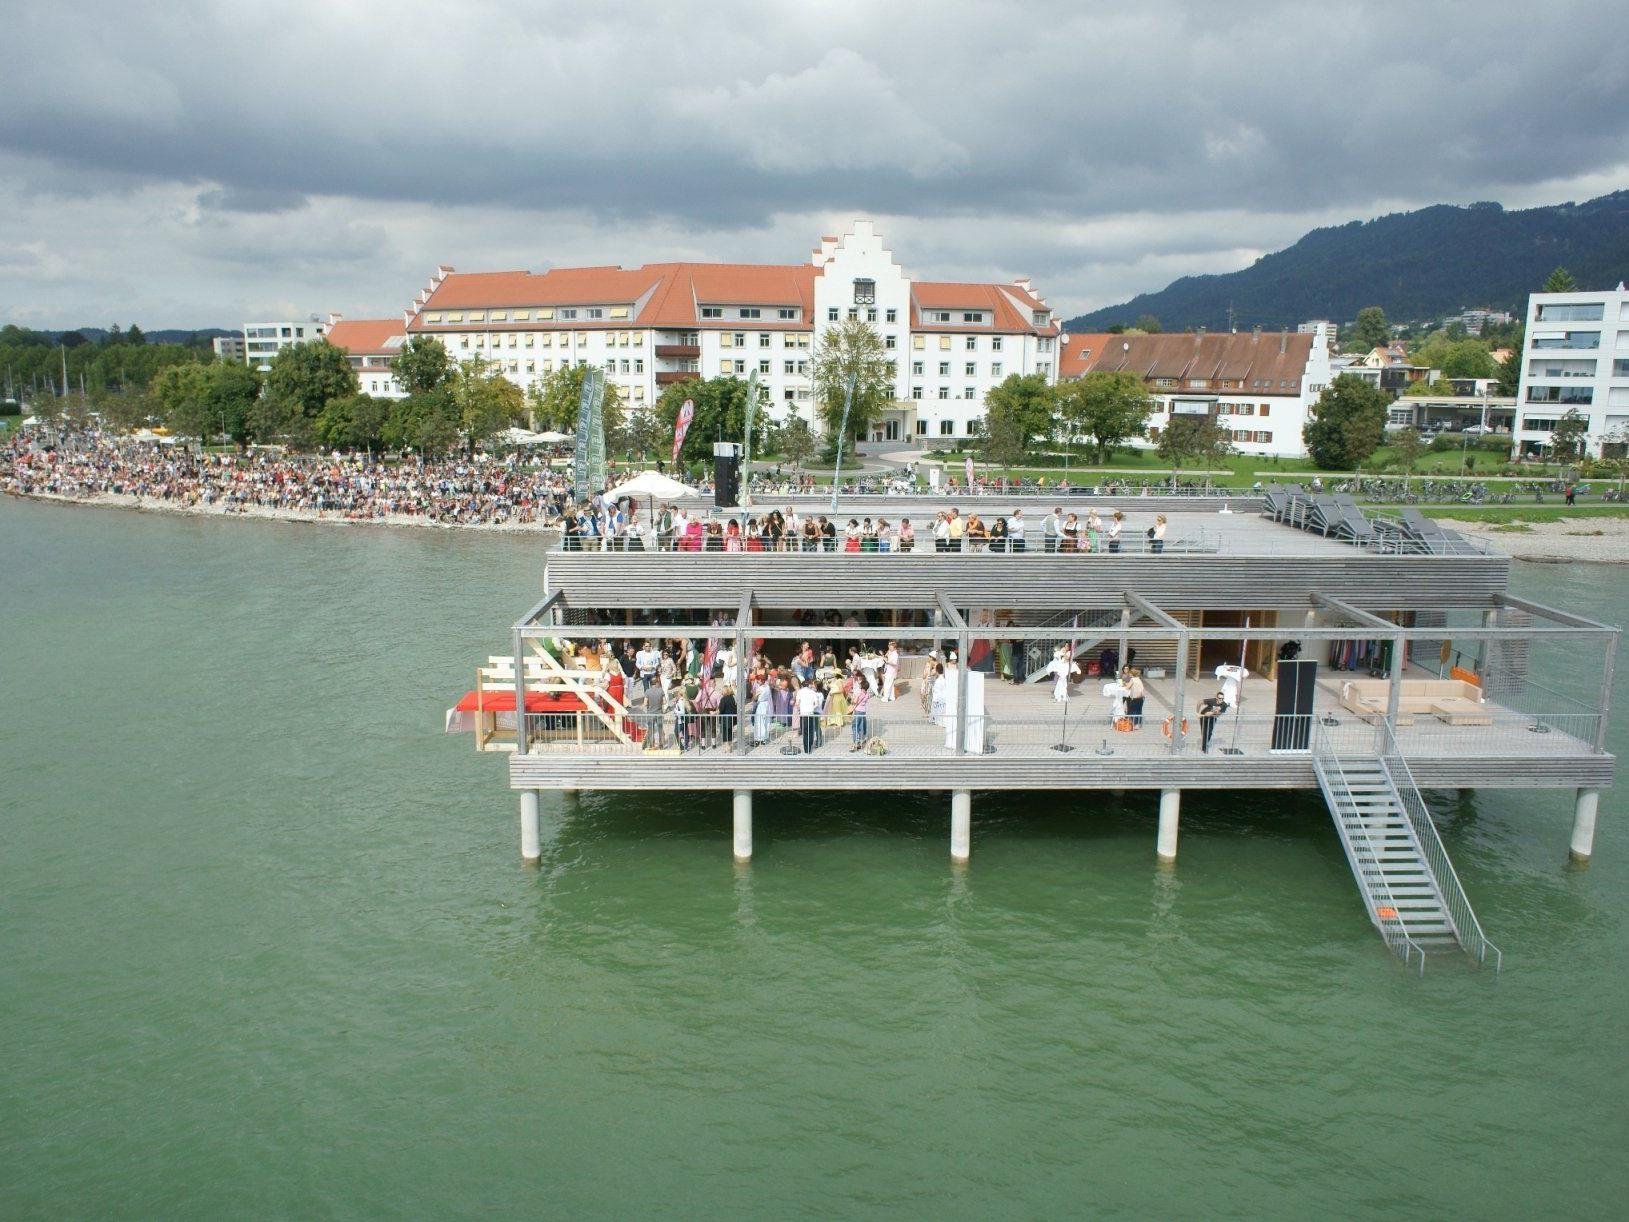 """""""Gössl lässt die Dirndln fliegen"""" – Kultevent am Bodensee auf dem Badehaus des Seehotel Am Kaiserstrand in Lochau."""